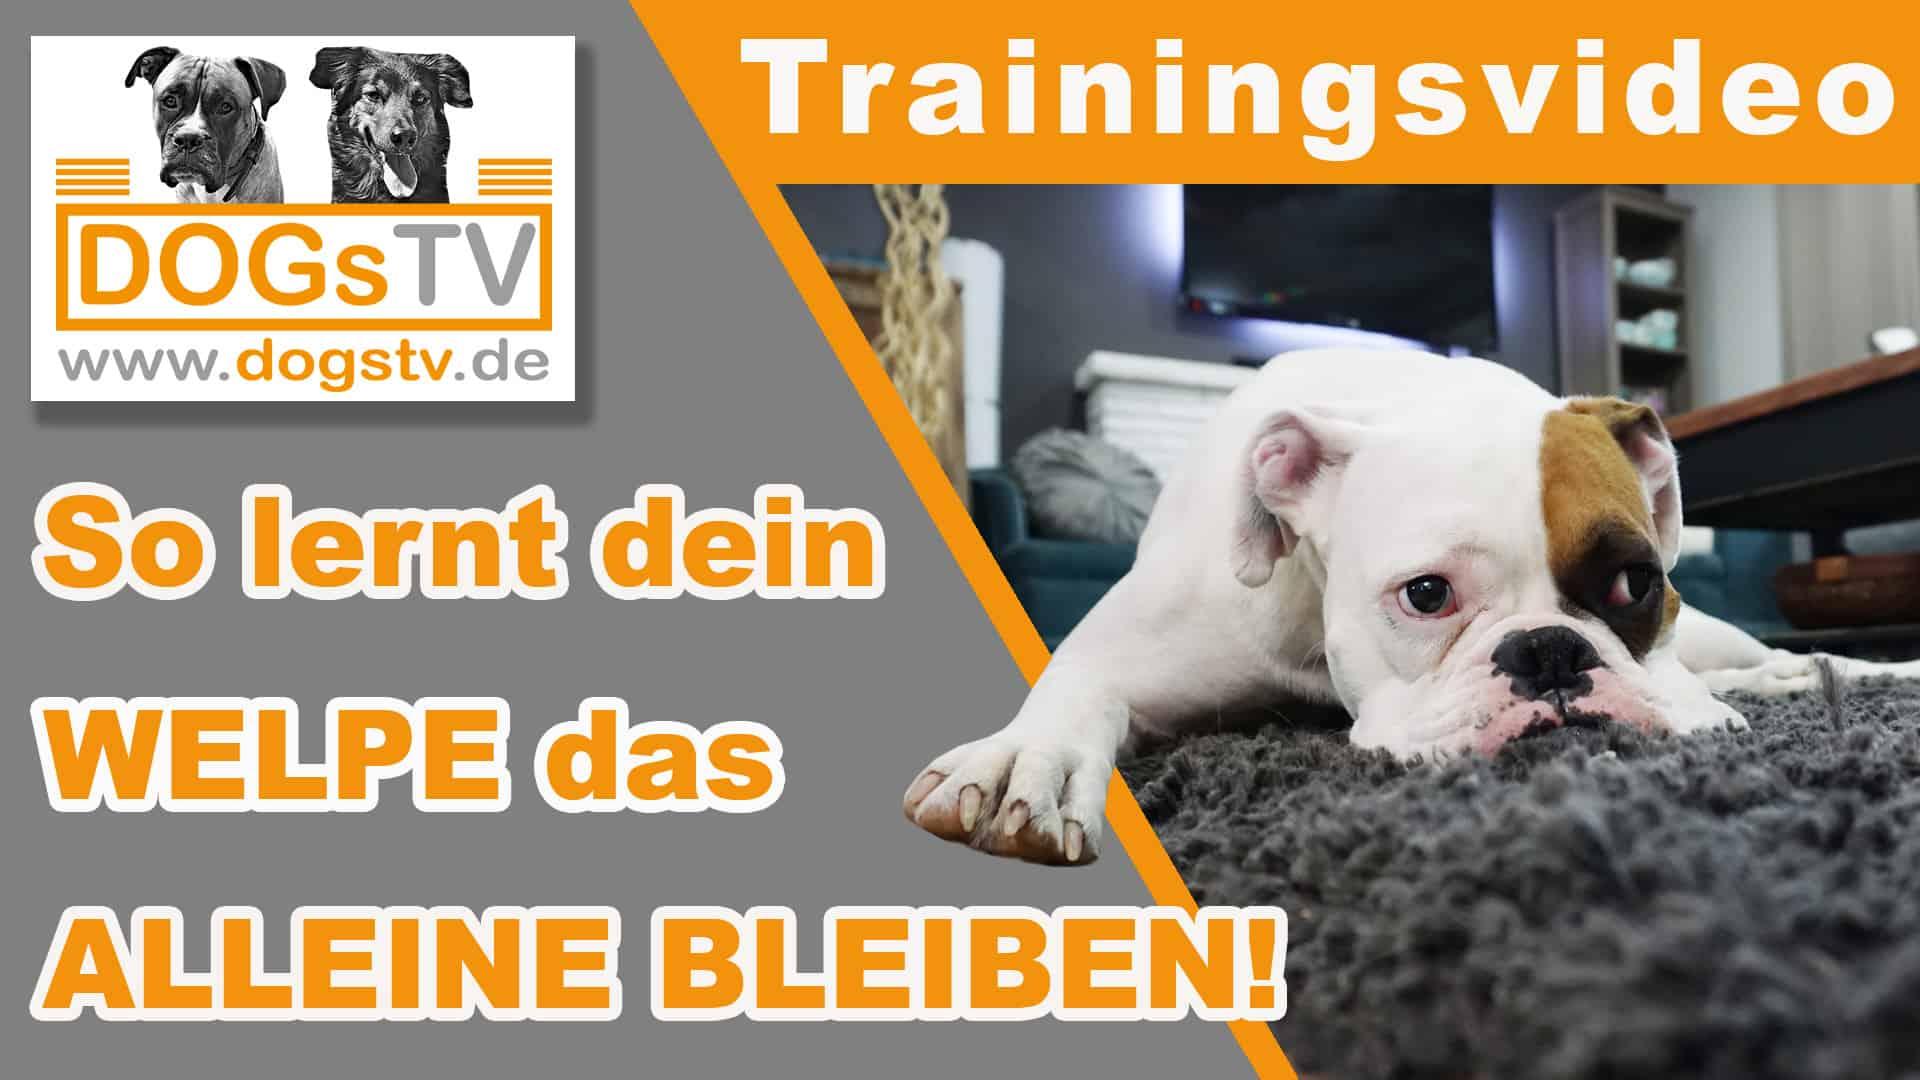 alleinbleiben hund trainieren dogstv